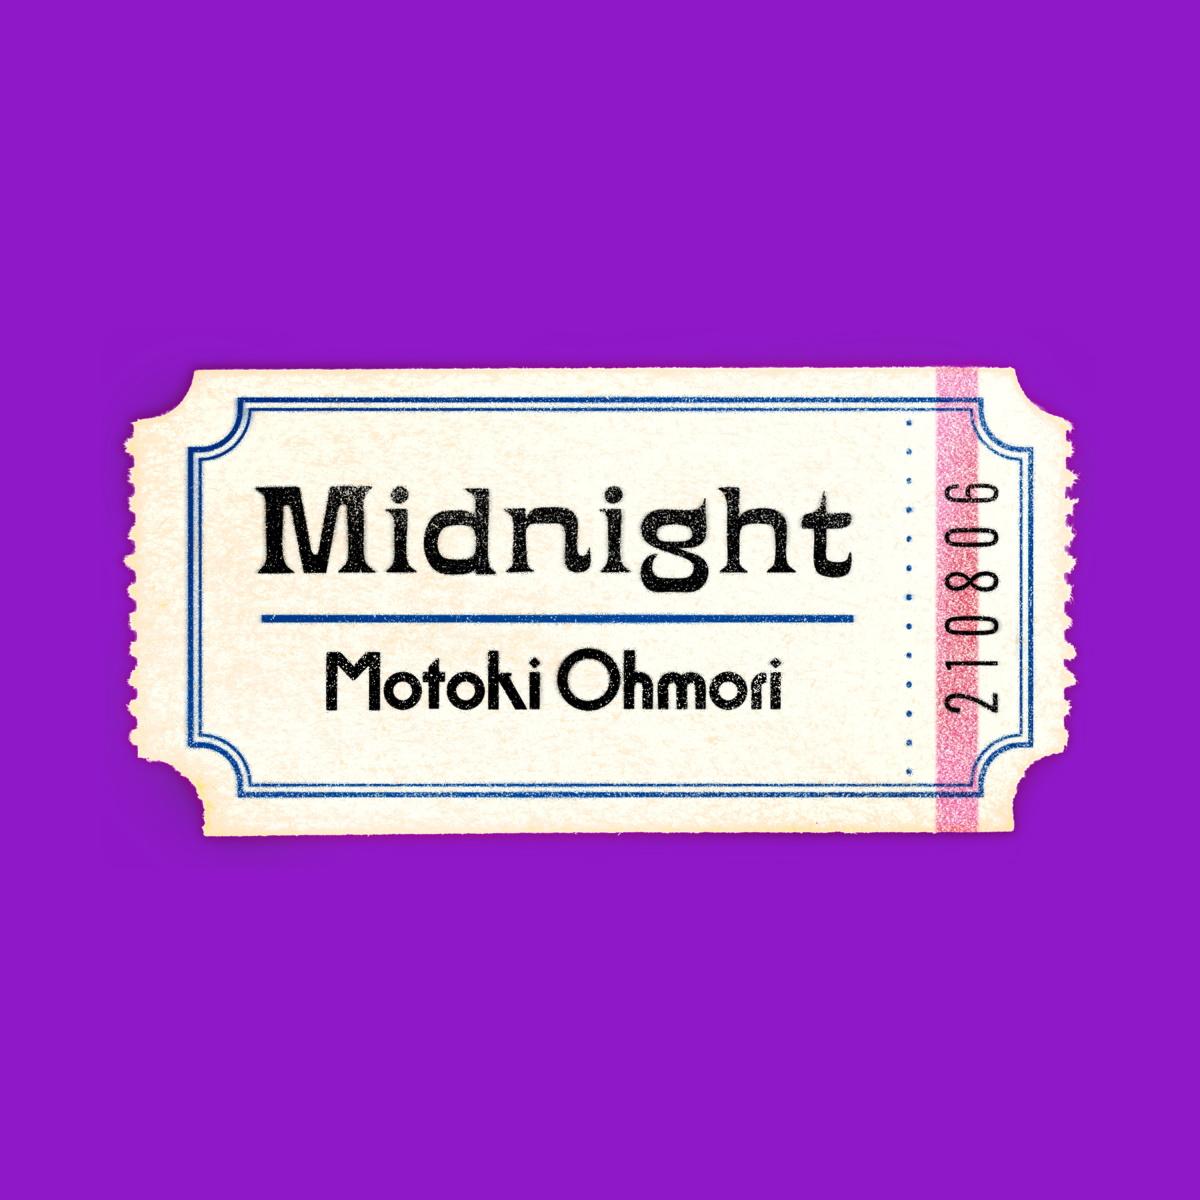 『大森元貴 - Midnight』収録の『Midnight』ジャケット